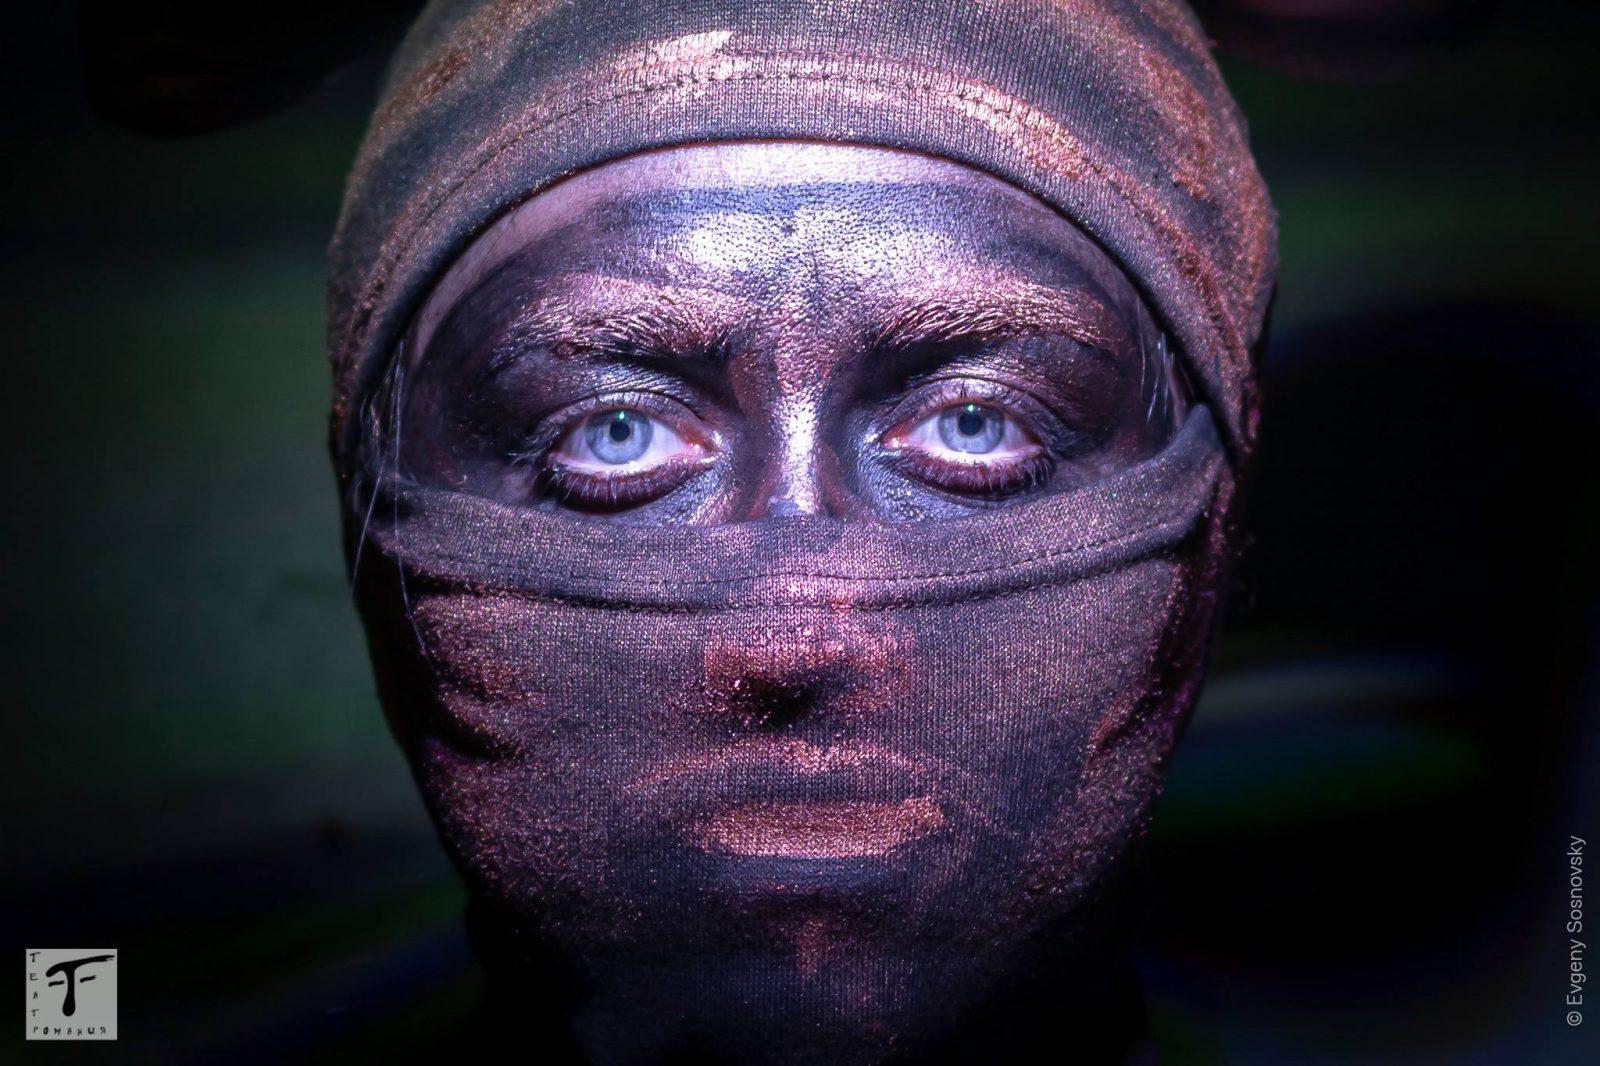 фотография одной из живых статуй во время спектакля